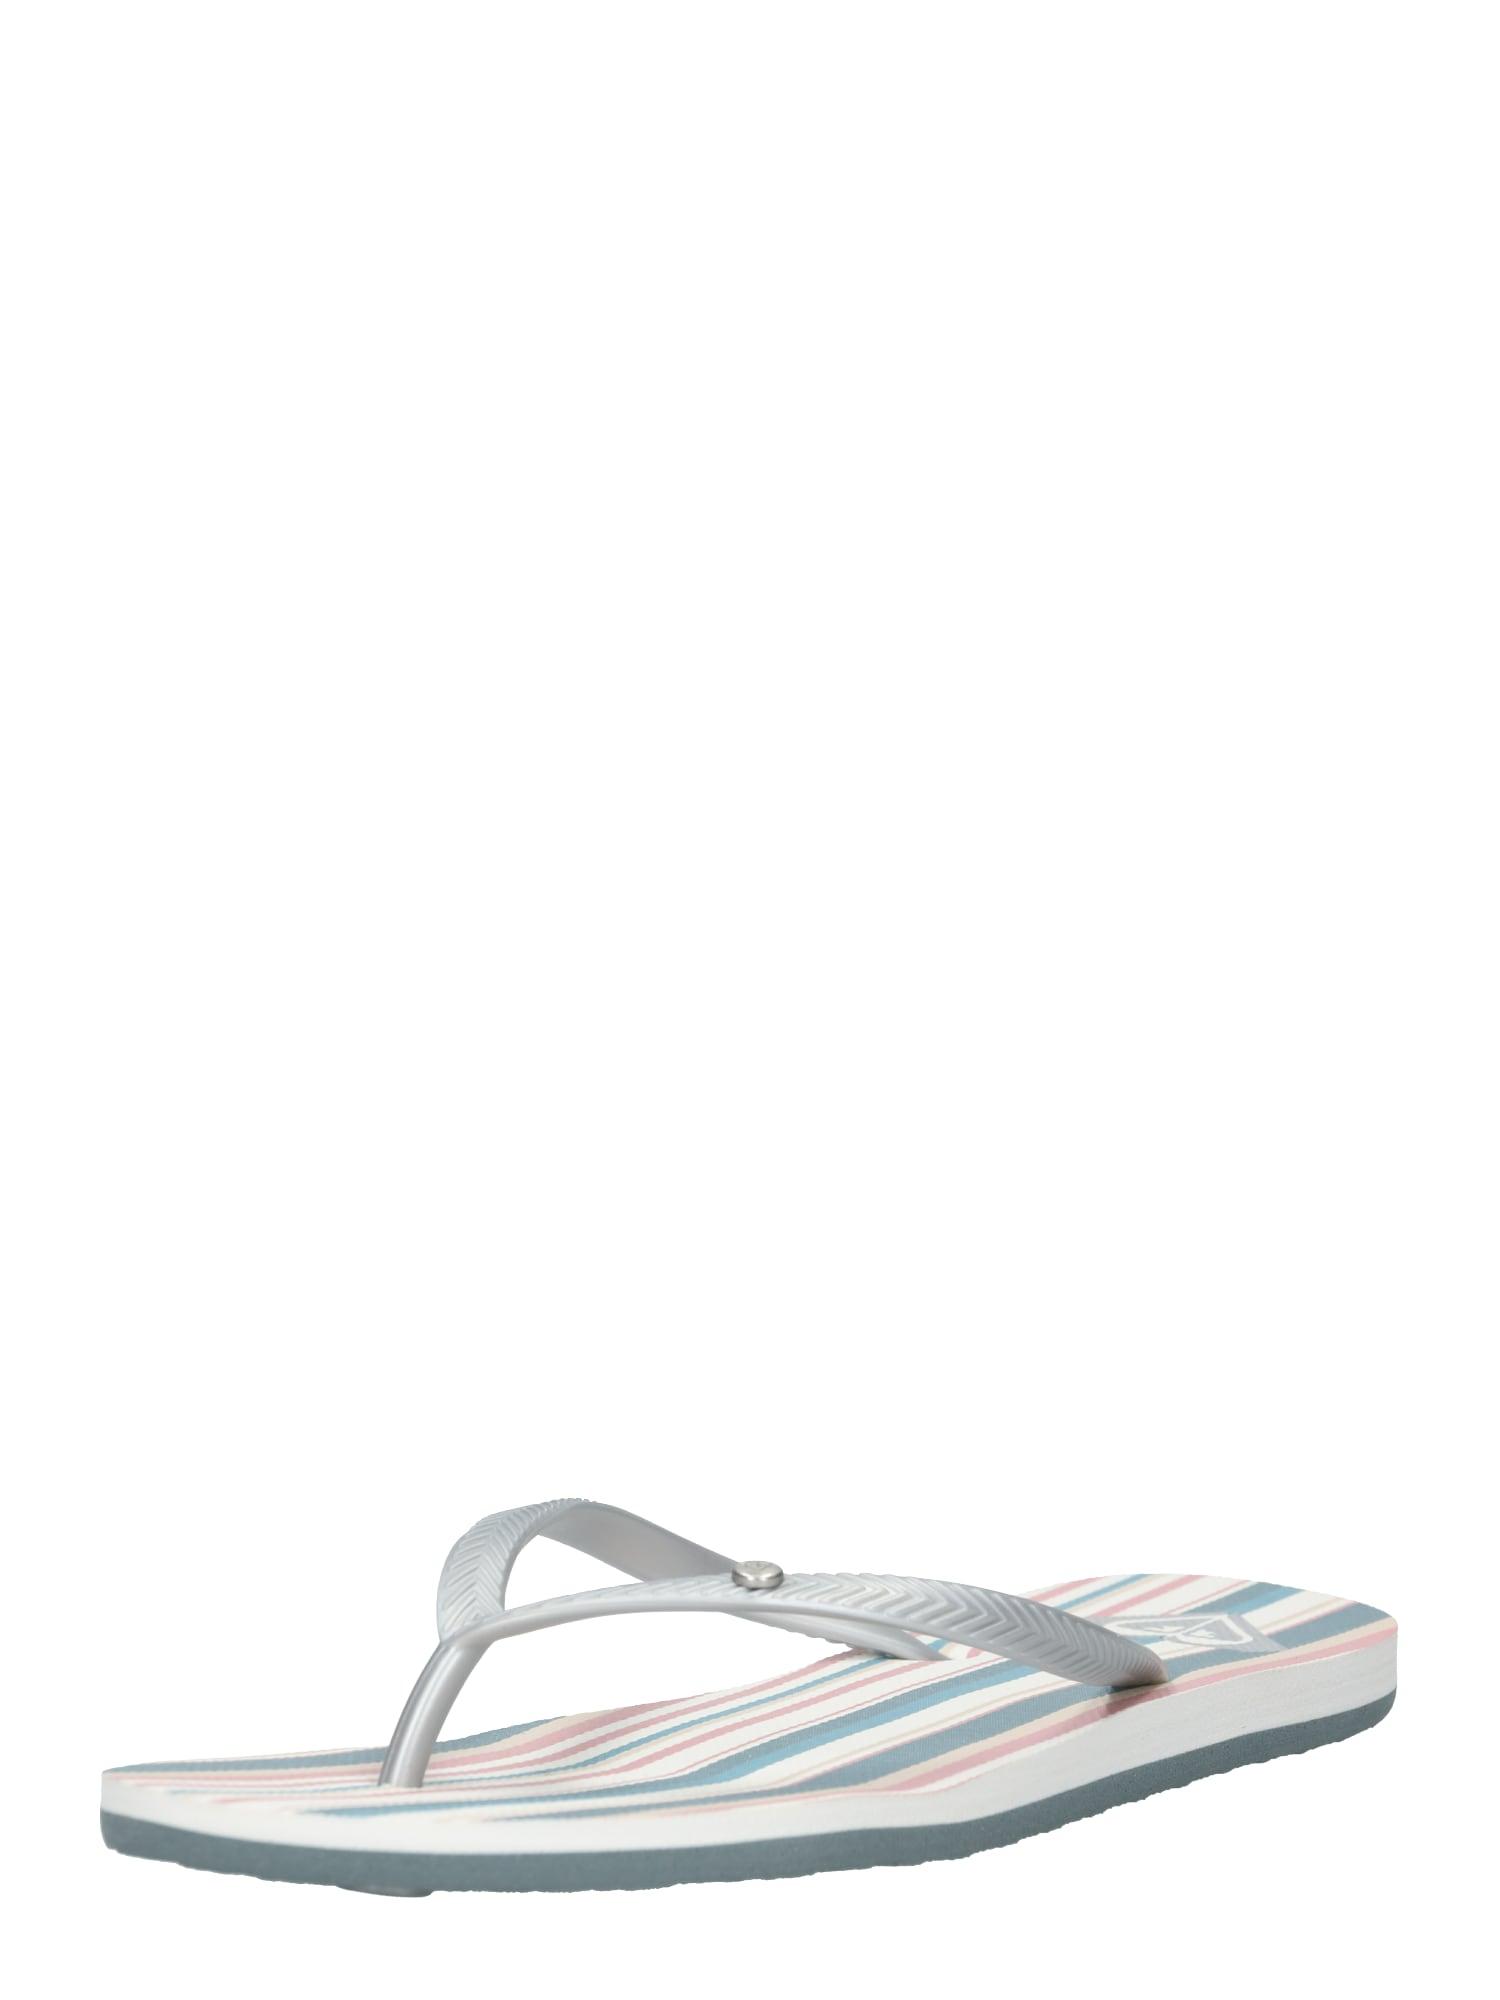 Plážovákoupací obuv BERMUDA II J SNDL mix barev ROXY